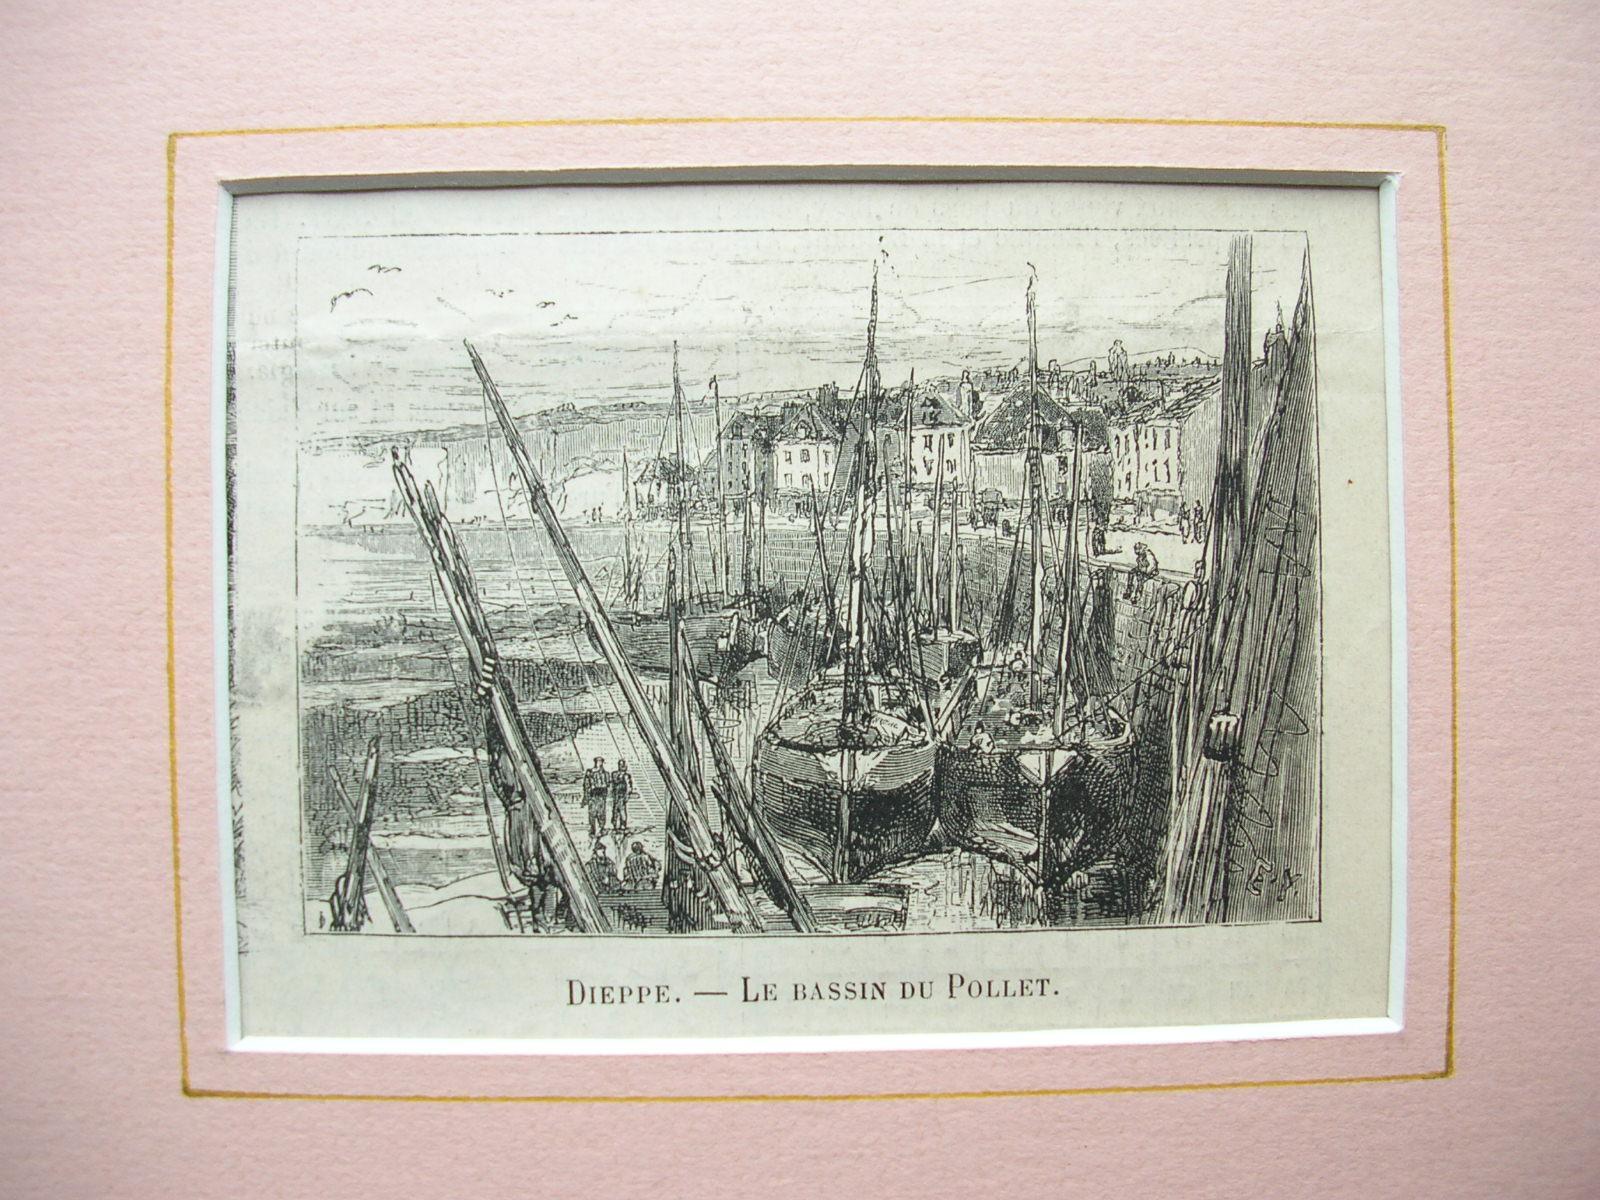 """Dieppe - """"Le Bassin du Pollet"""": France, Frankreich)"""